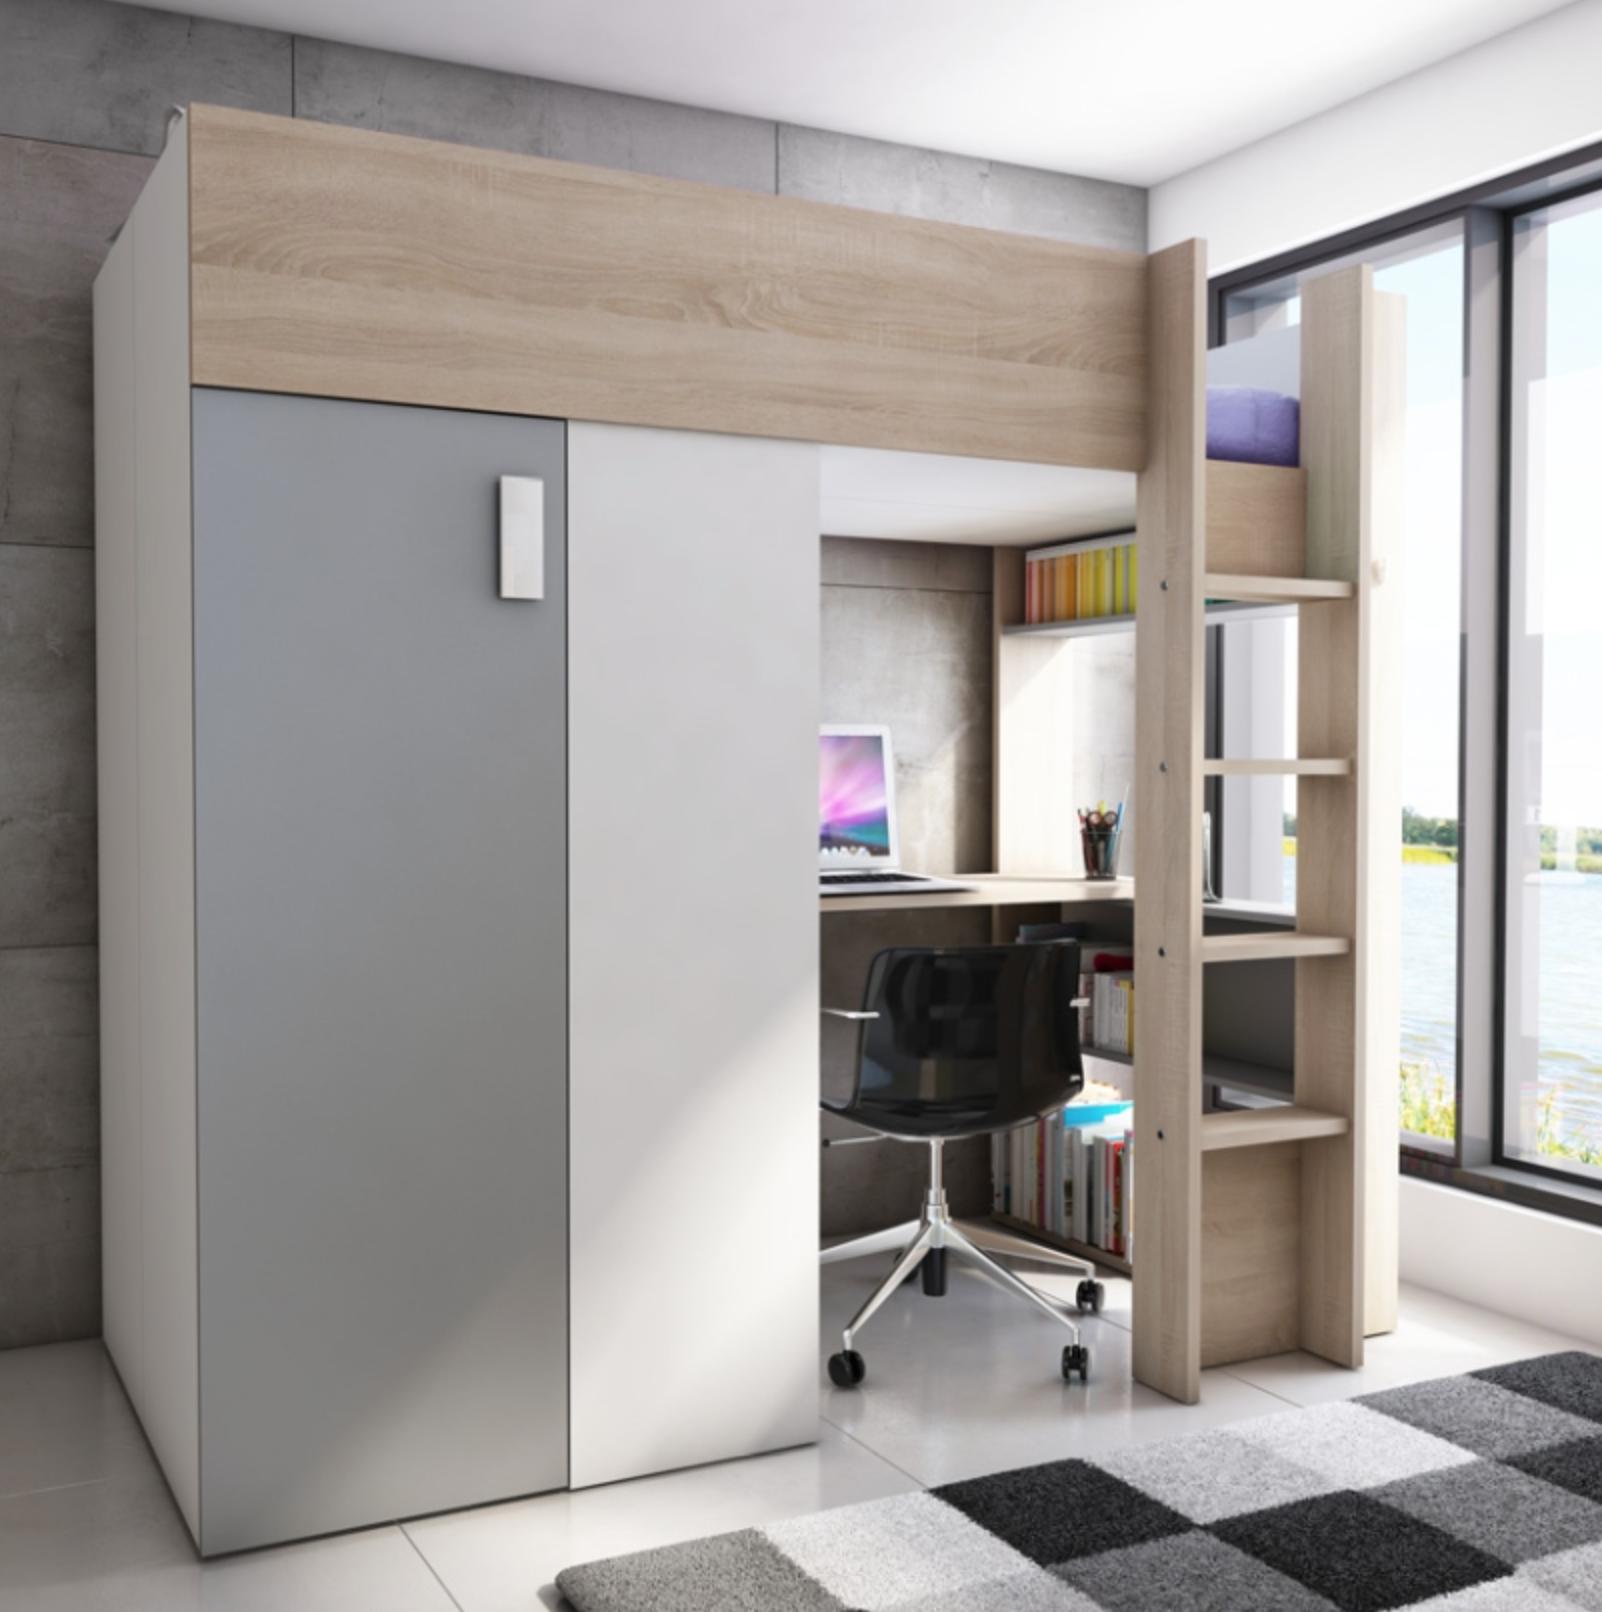 De hoogslaper d oplossing voor ruimtegebrek in de slaapkamer - Geschilderd slaapkamer model ...